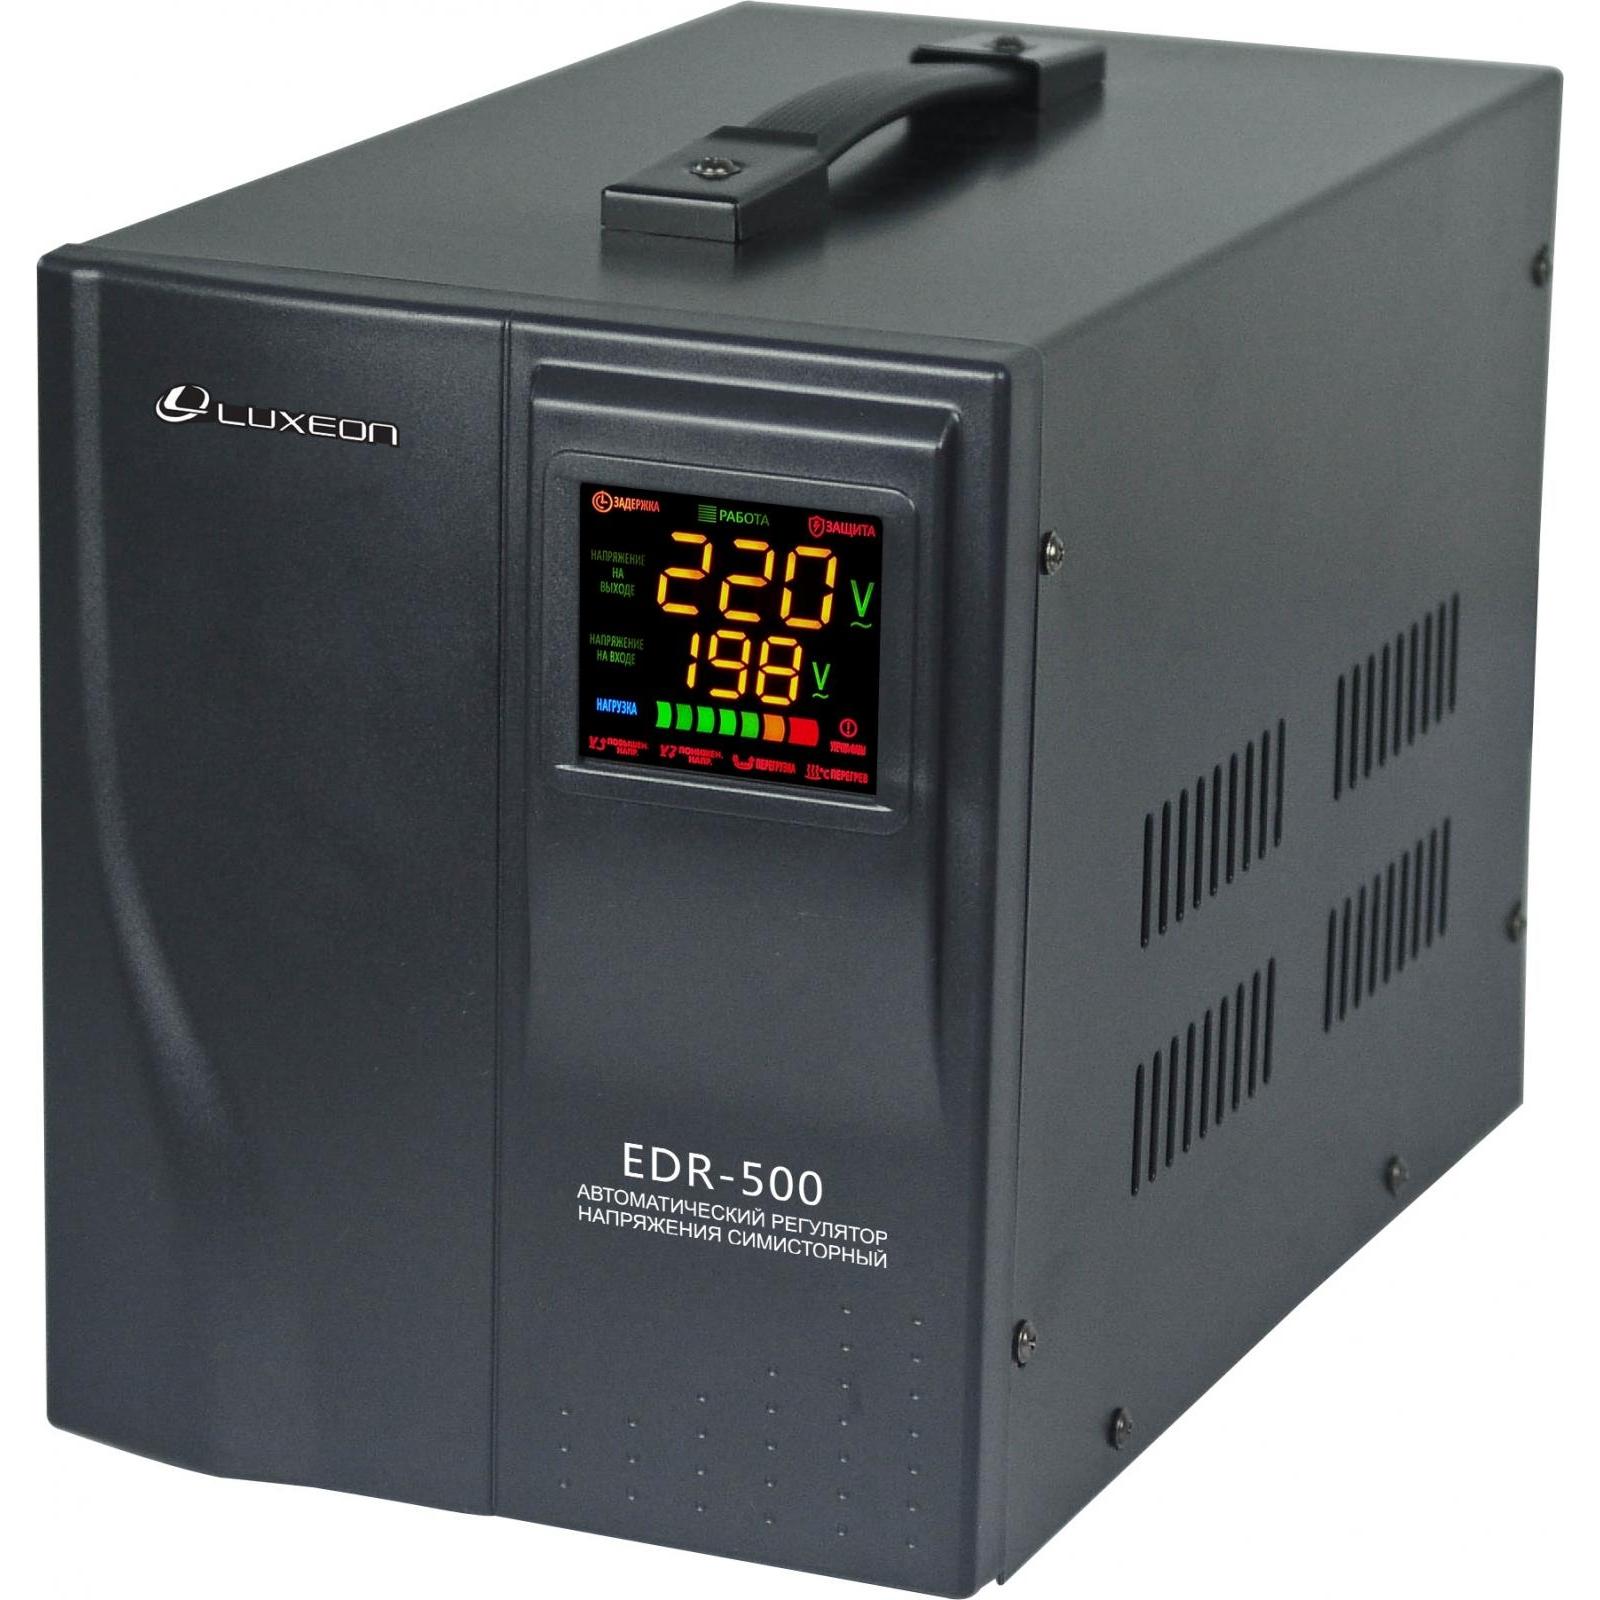 EDR-500